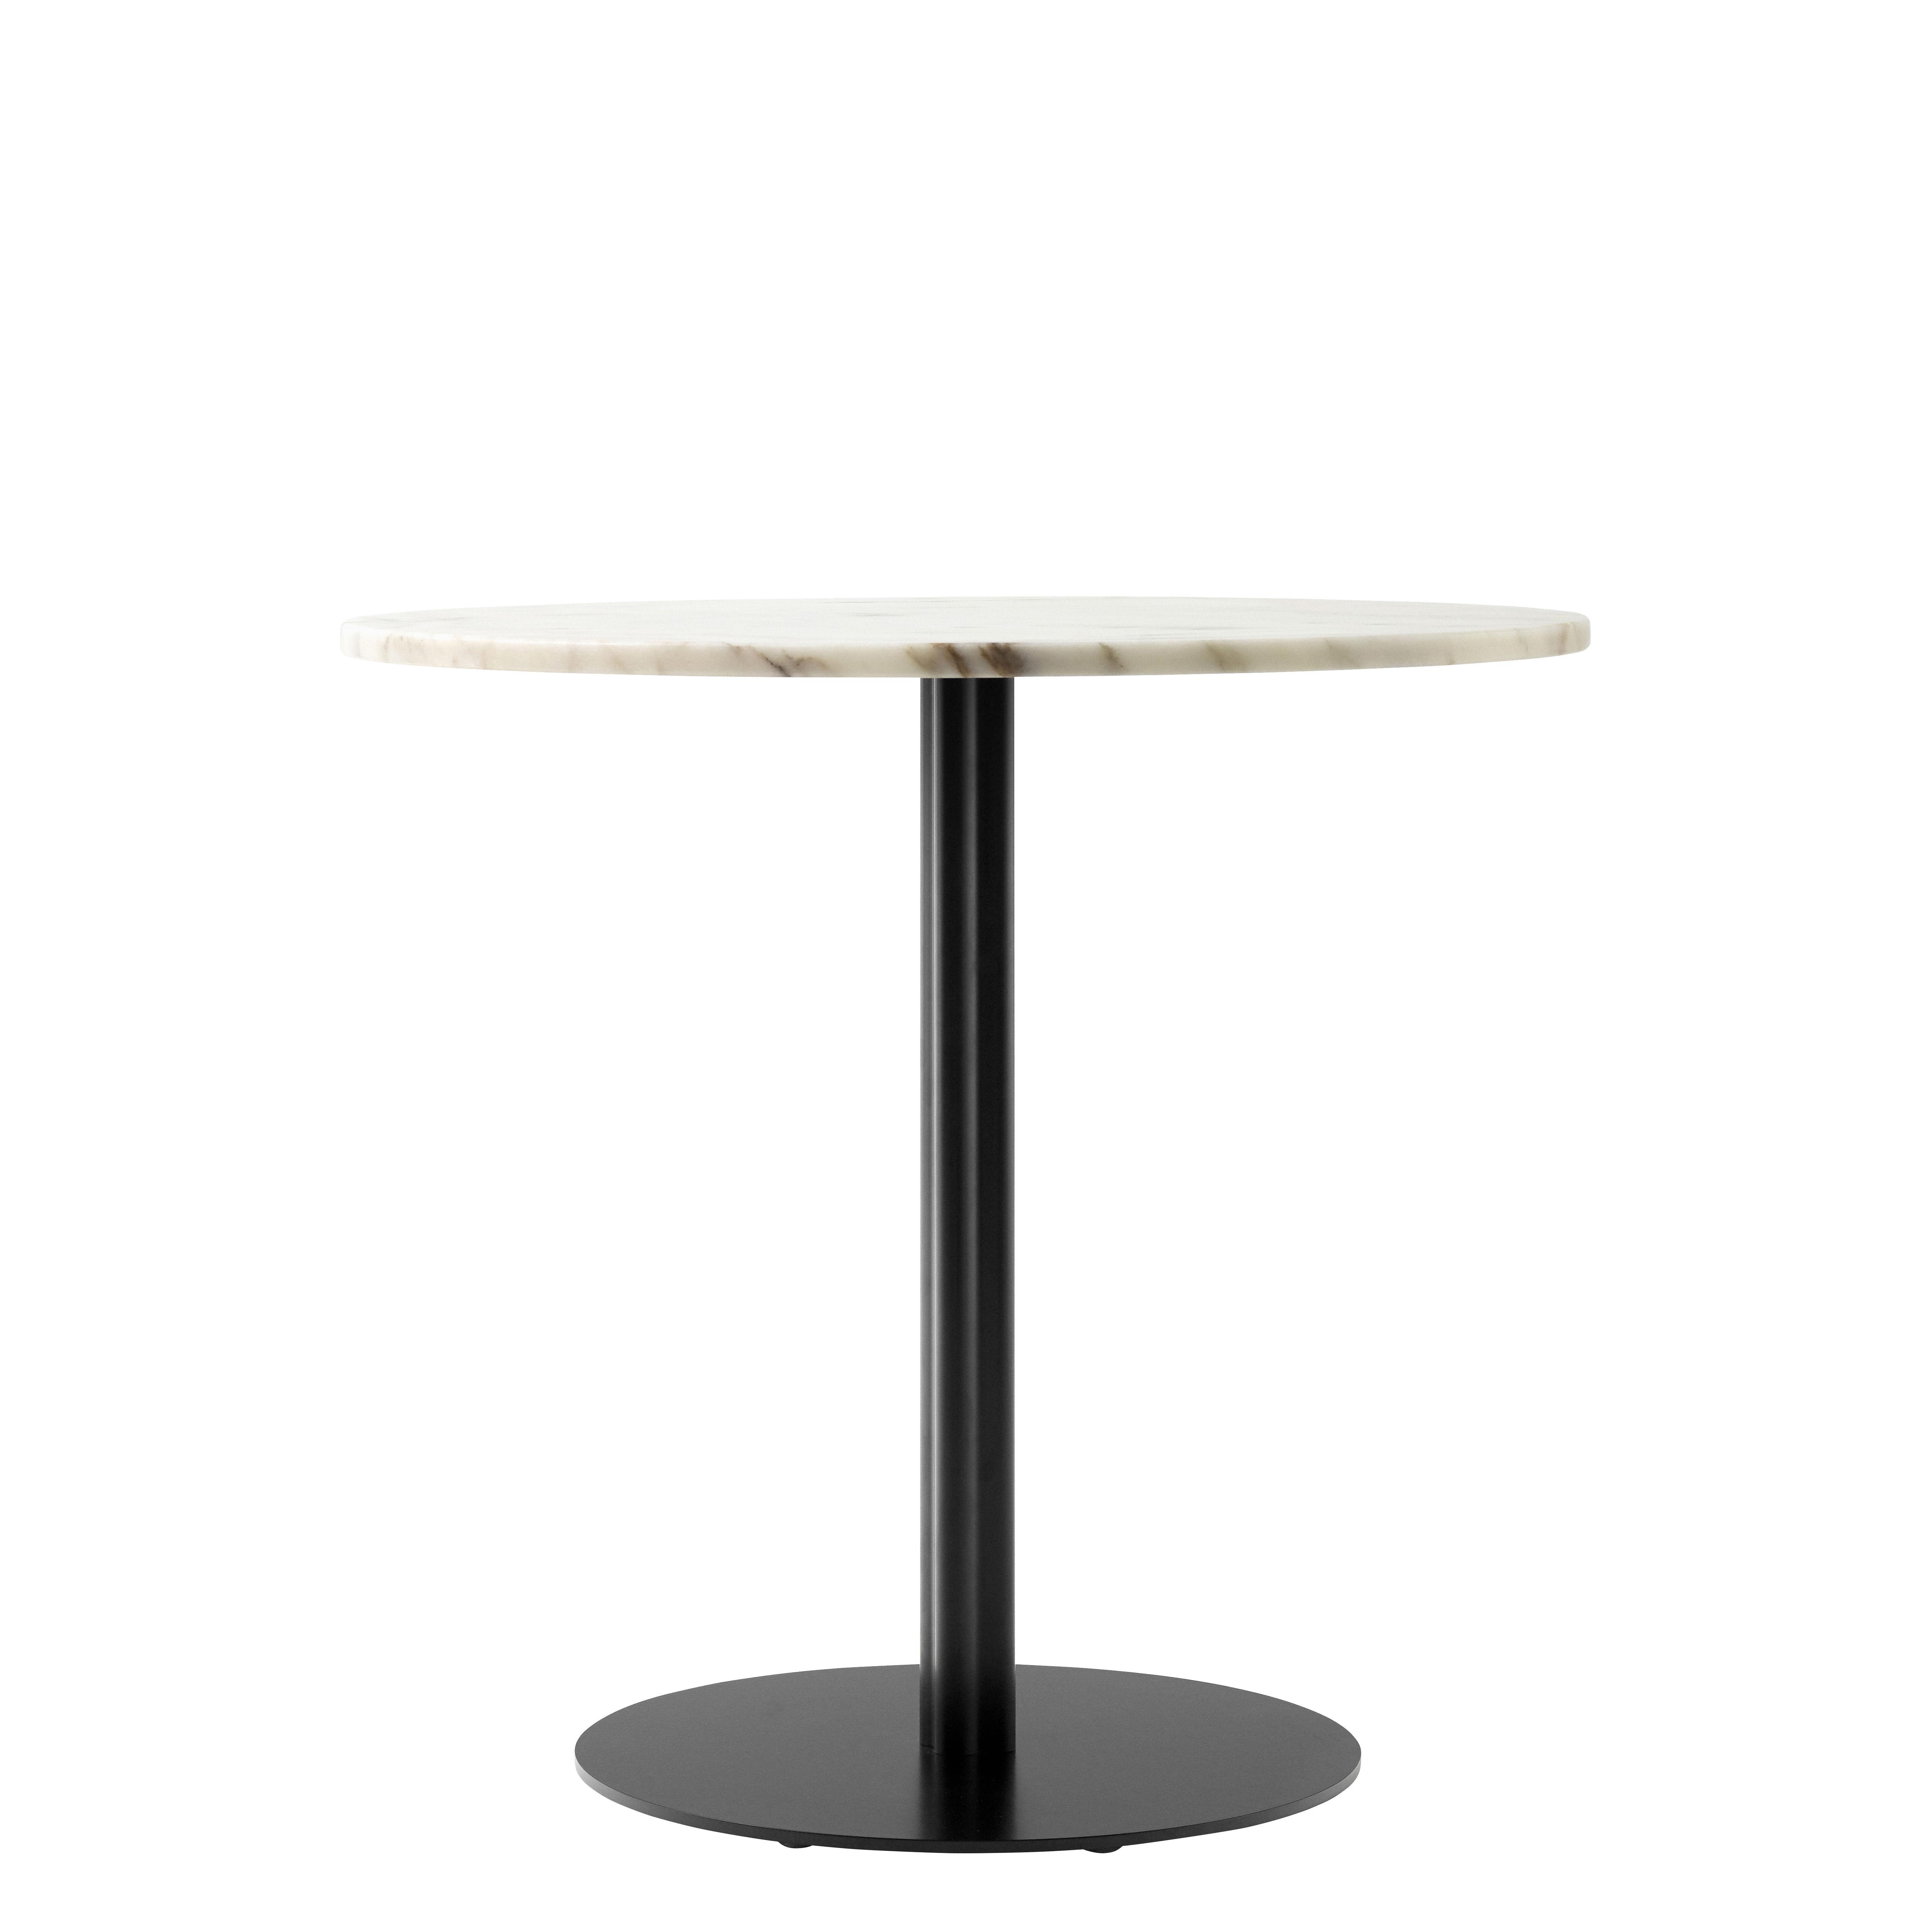 Tendances - Le Salon Fort intérieur - Table ronde Harbour / Ø 80 cm - Marbre - Menu - Marbre blanc / Pied noir - Acier, Aluminium, Marbre